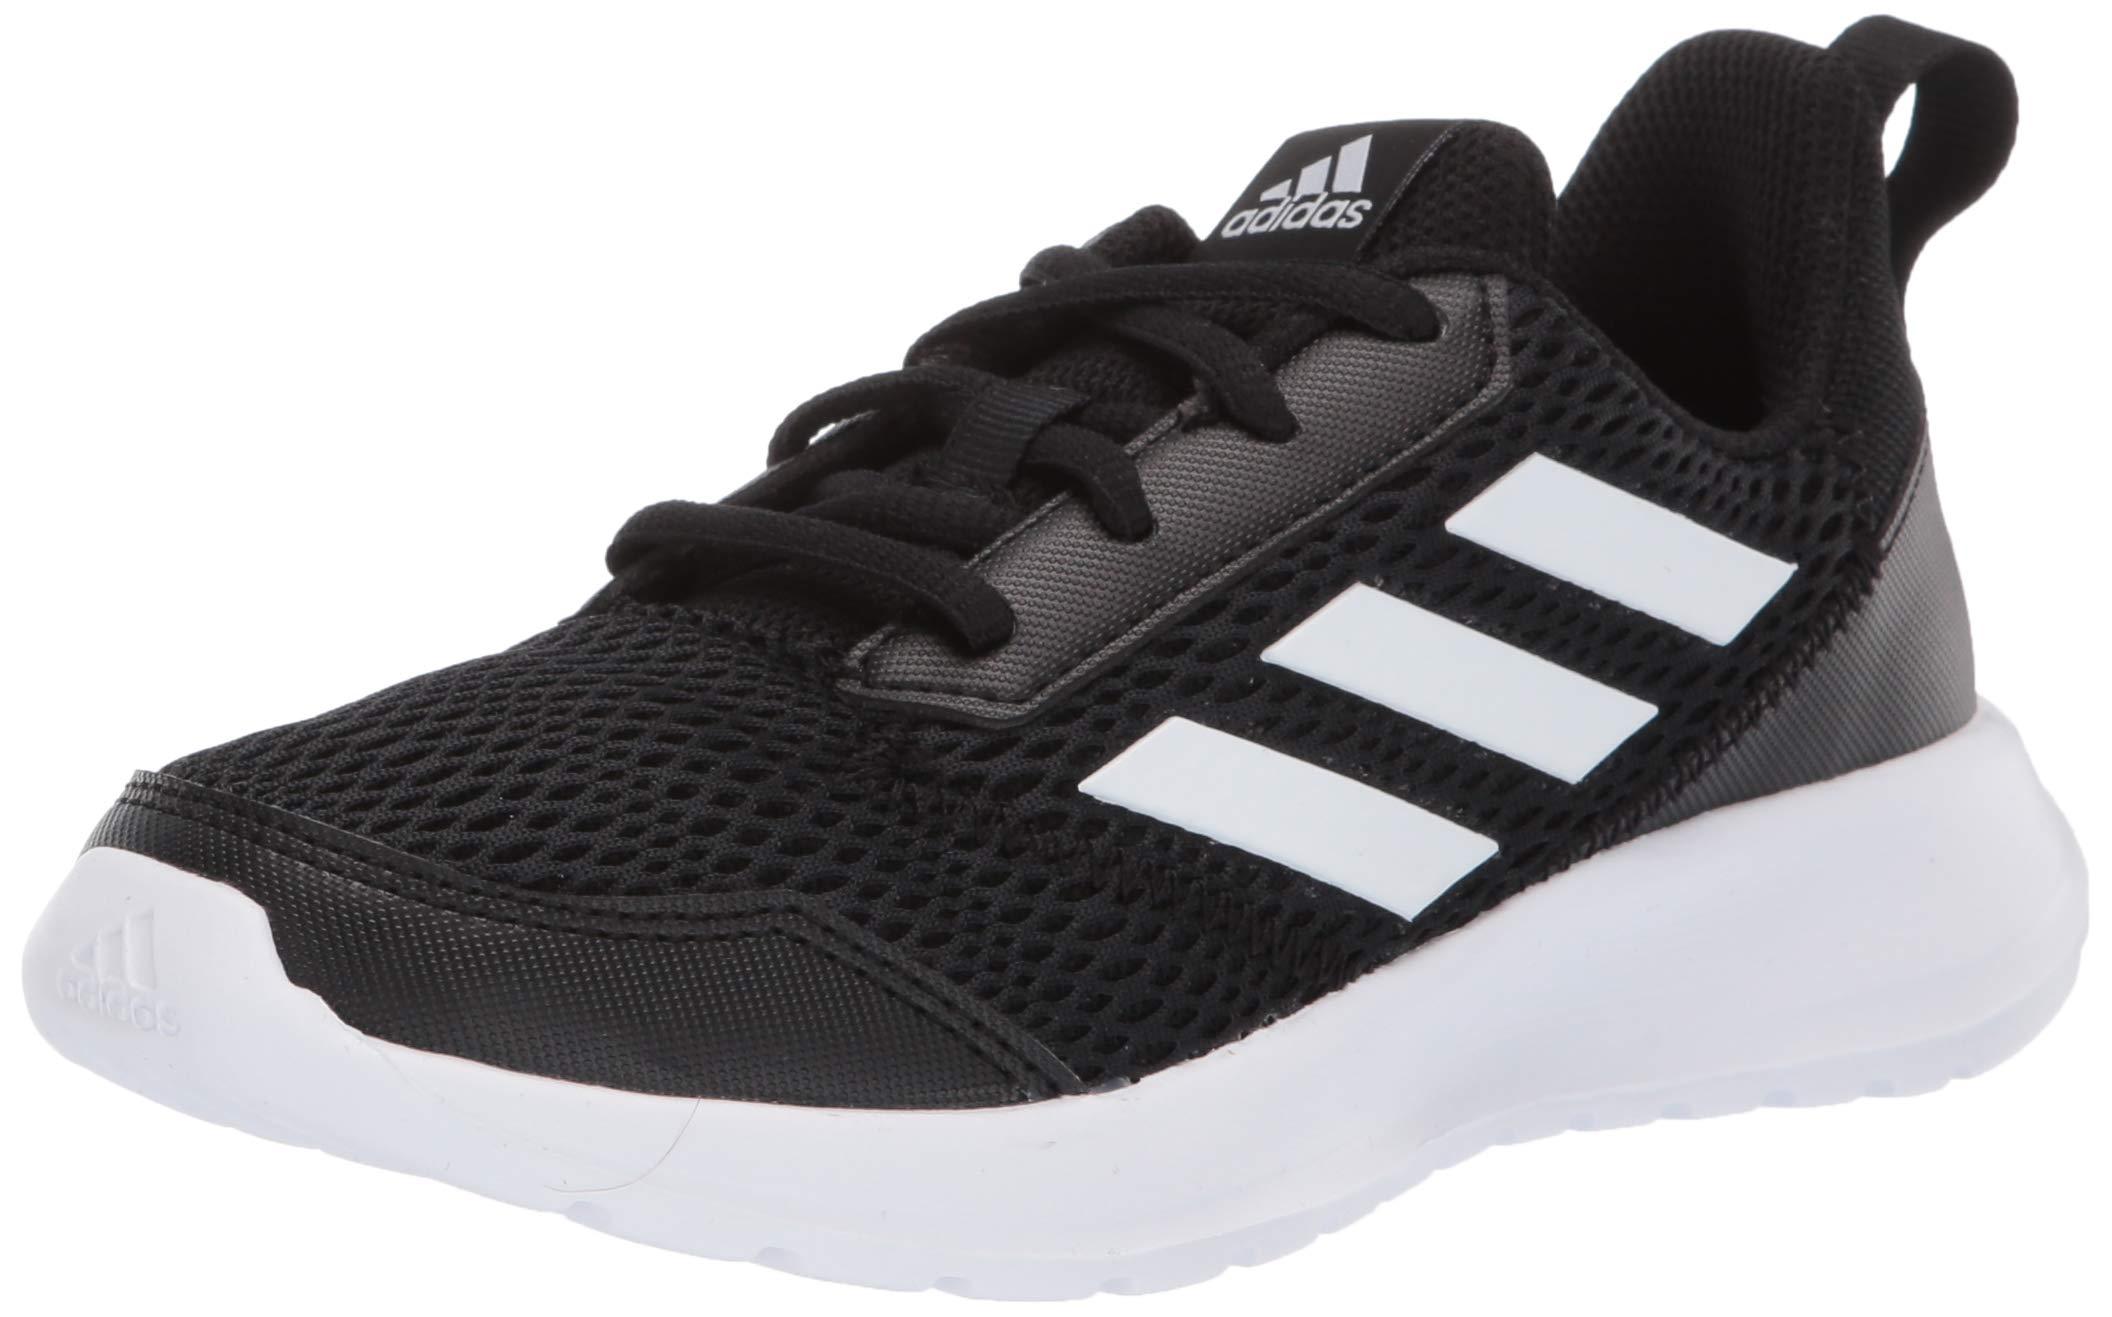 adidas Kids' Altarun, Black/White/Black, 9K M US Toddler